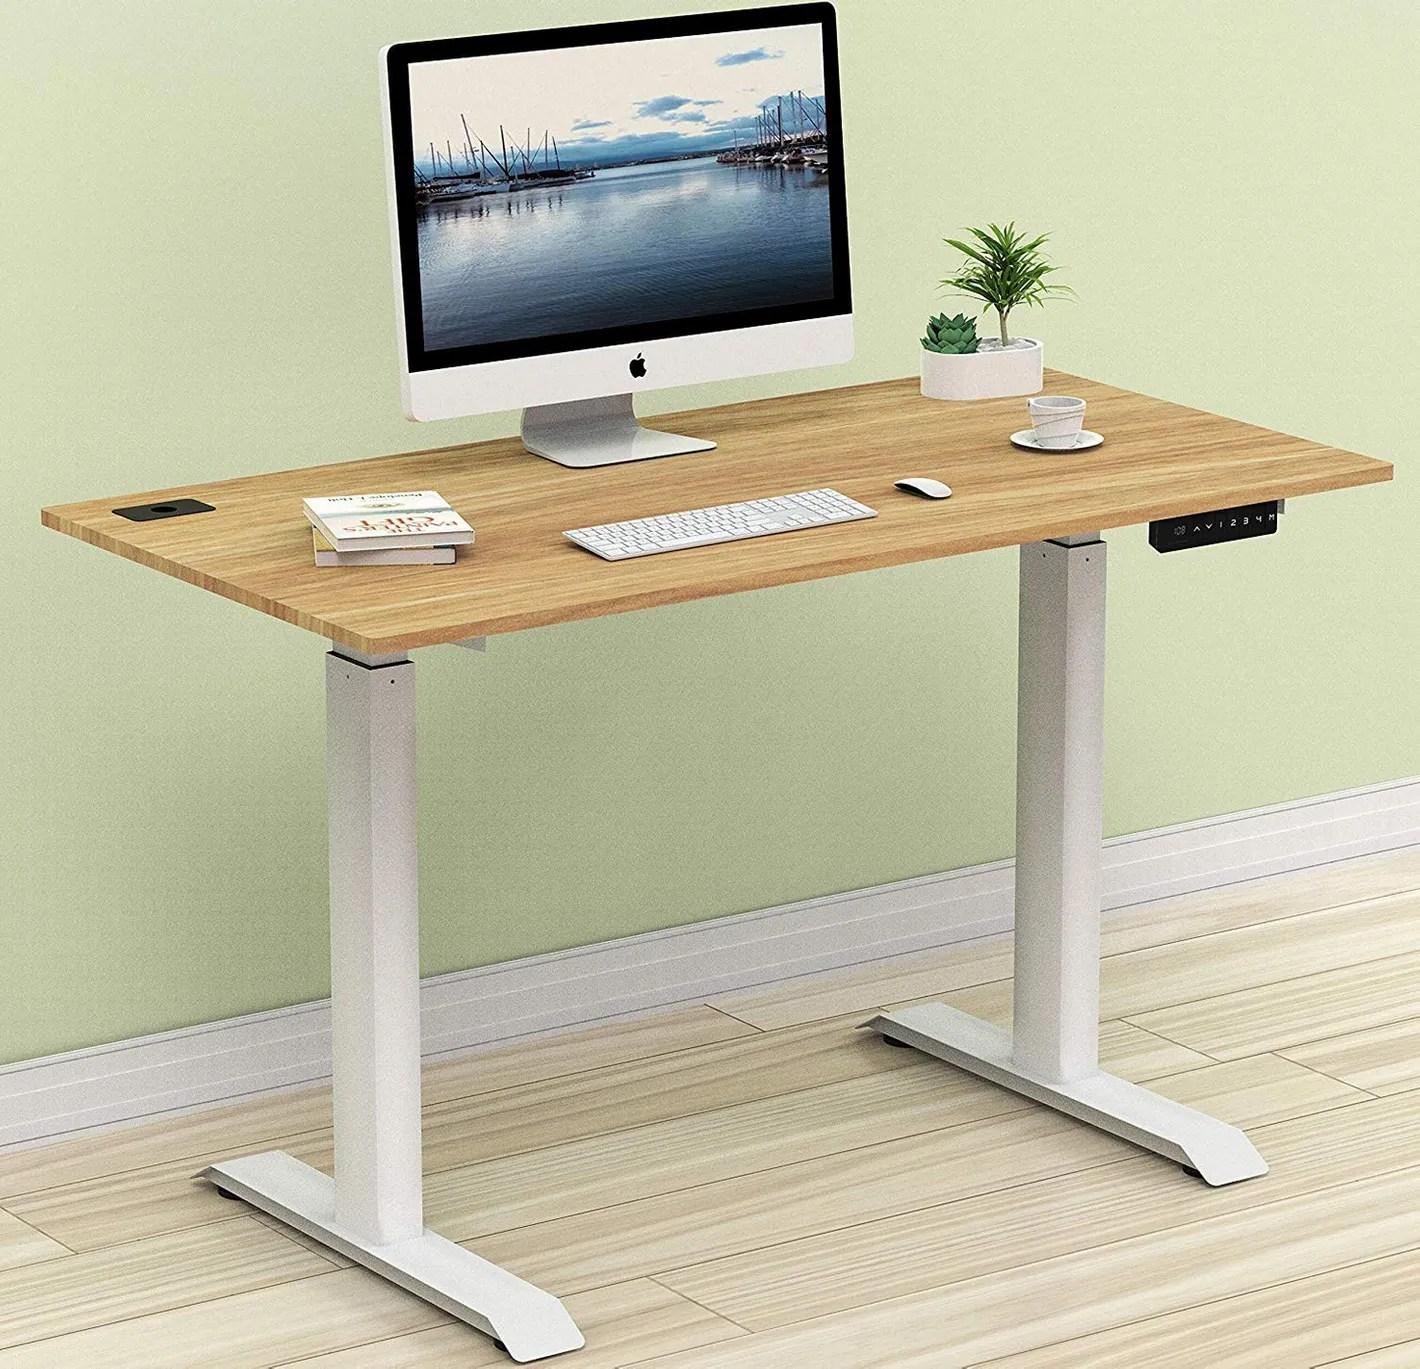 6 best standing desks